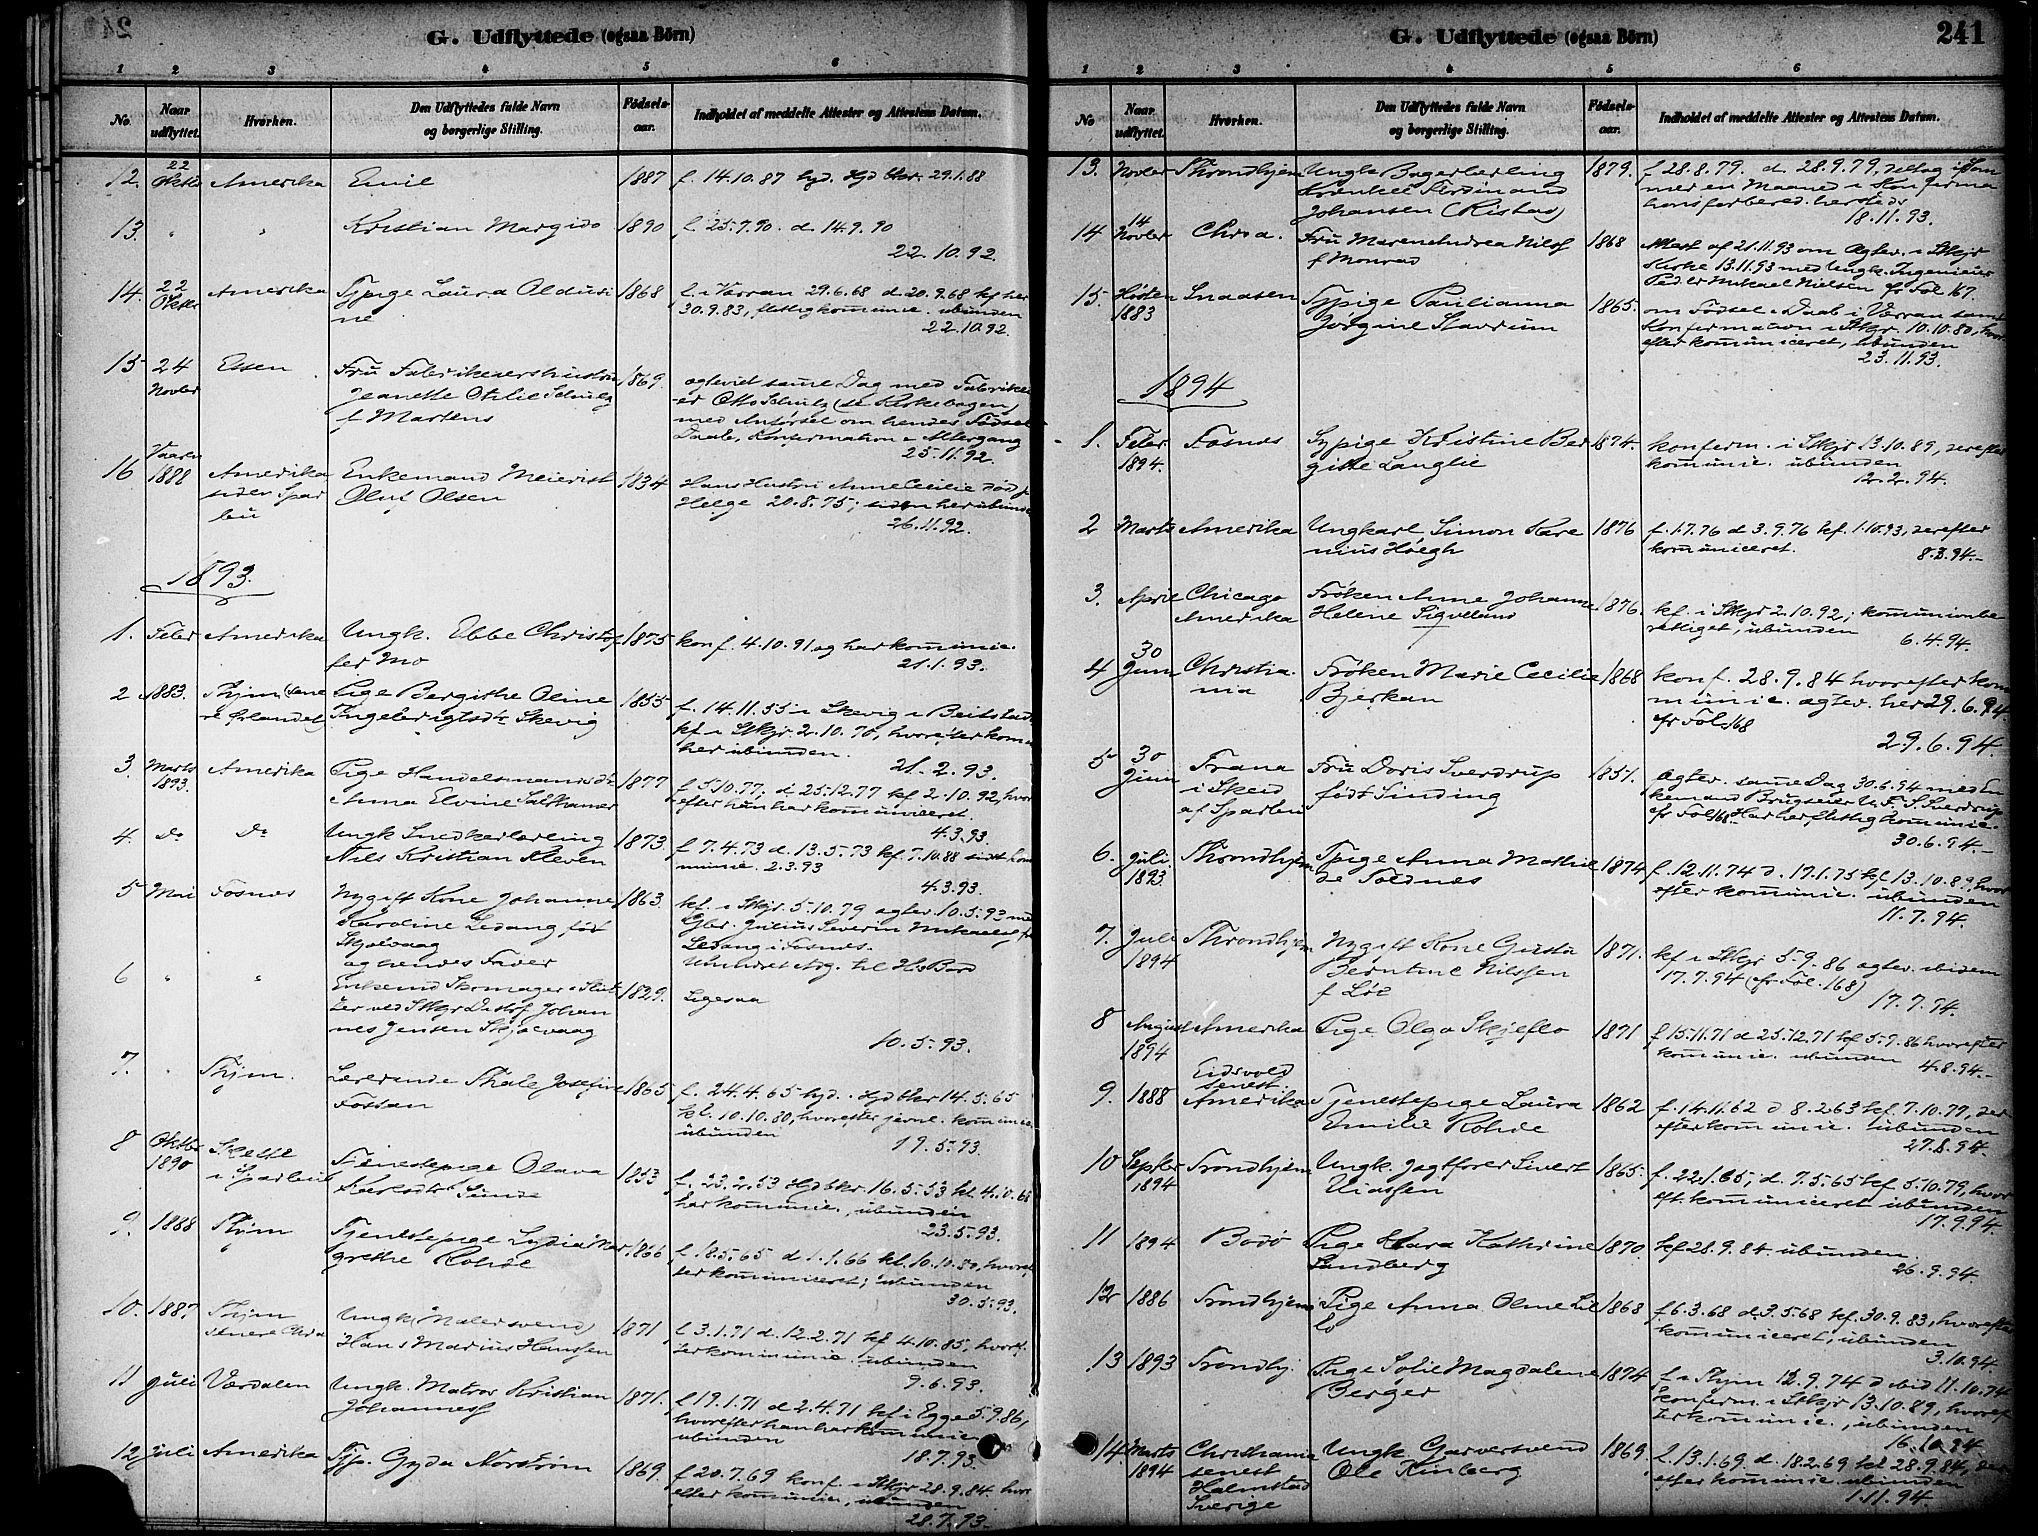 SAT, Ministerialprotokoller, klokkerbøker og fødselsregistre - Nord-Trøndelag, 739/L0371: Ministerialbok nr. 739A03, 1881-1895, s. 241